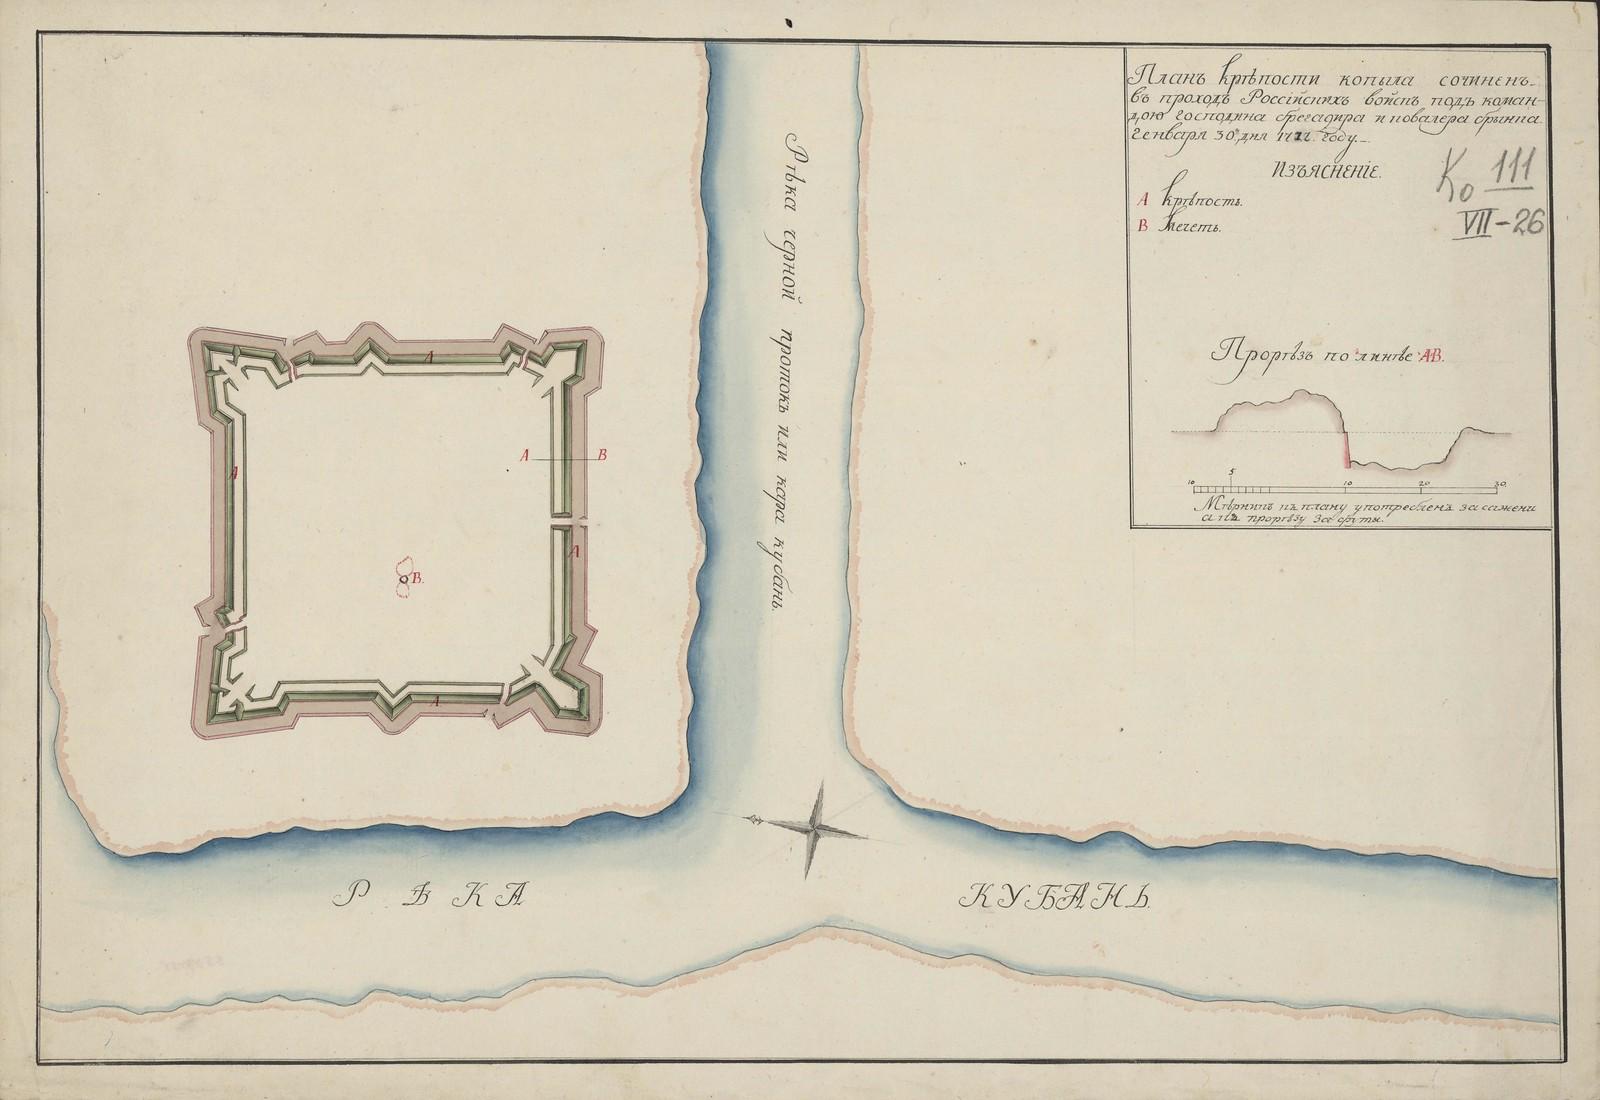 План Крепости Копыла,сочинен. в проход Российских войск под командою господина брегадира и ковалера Брынка. Генваря 30-го дня 1777 году